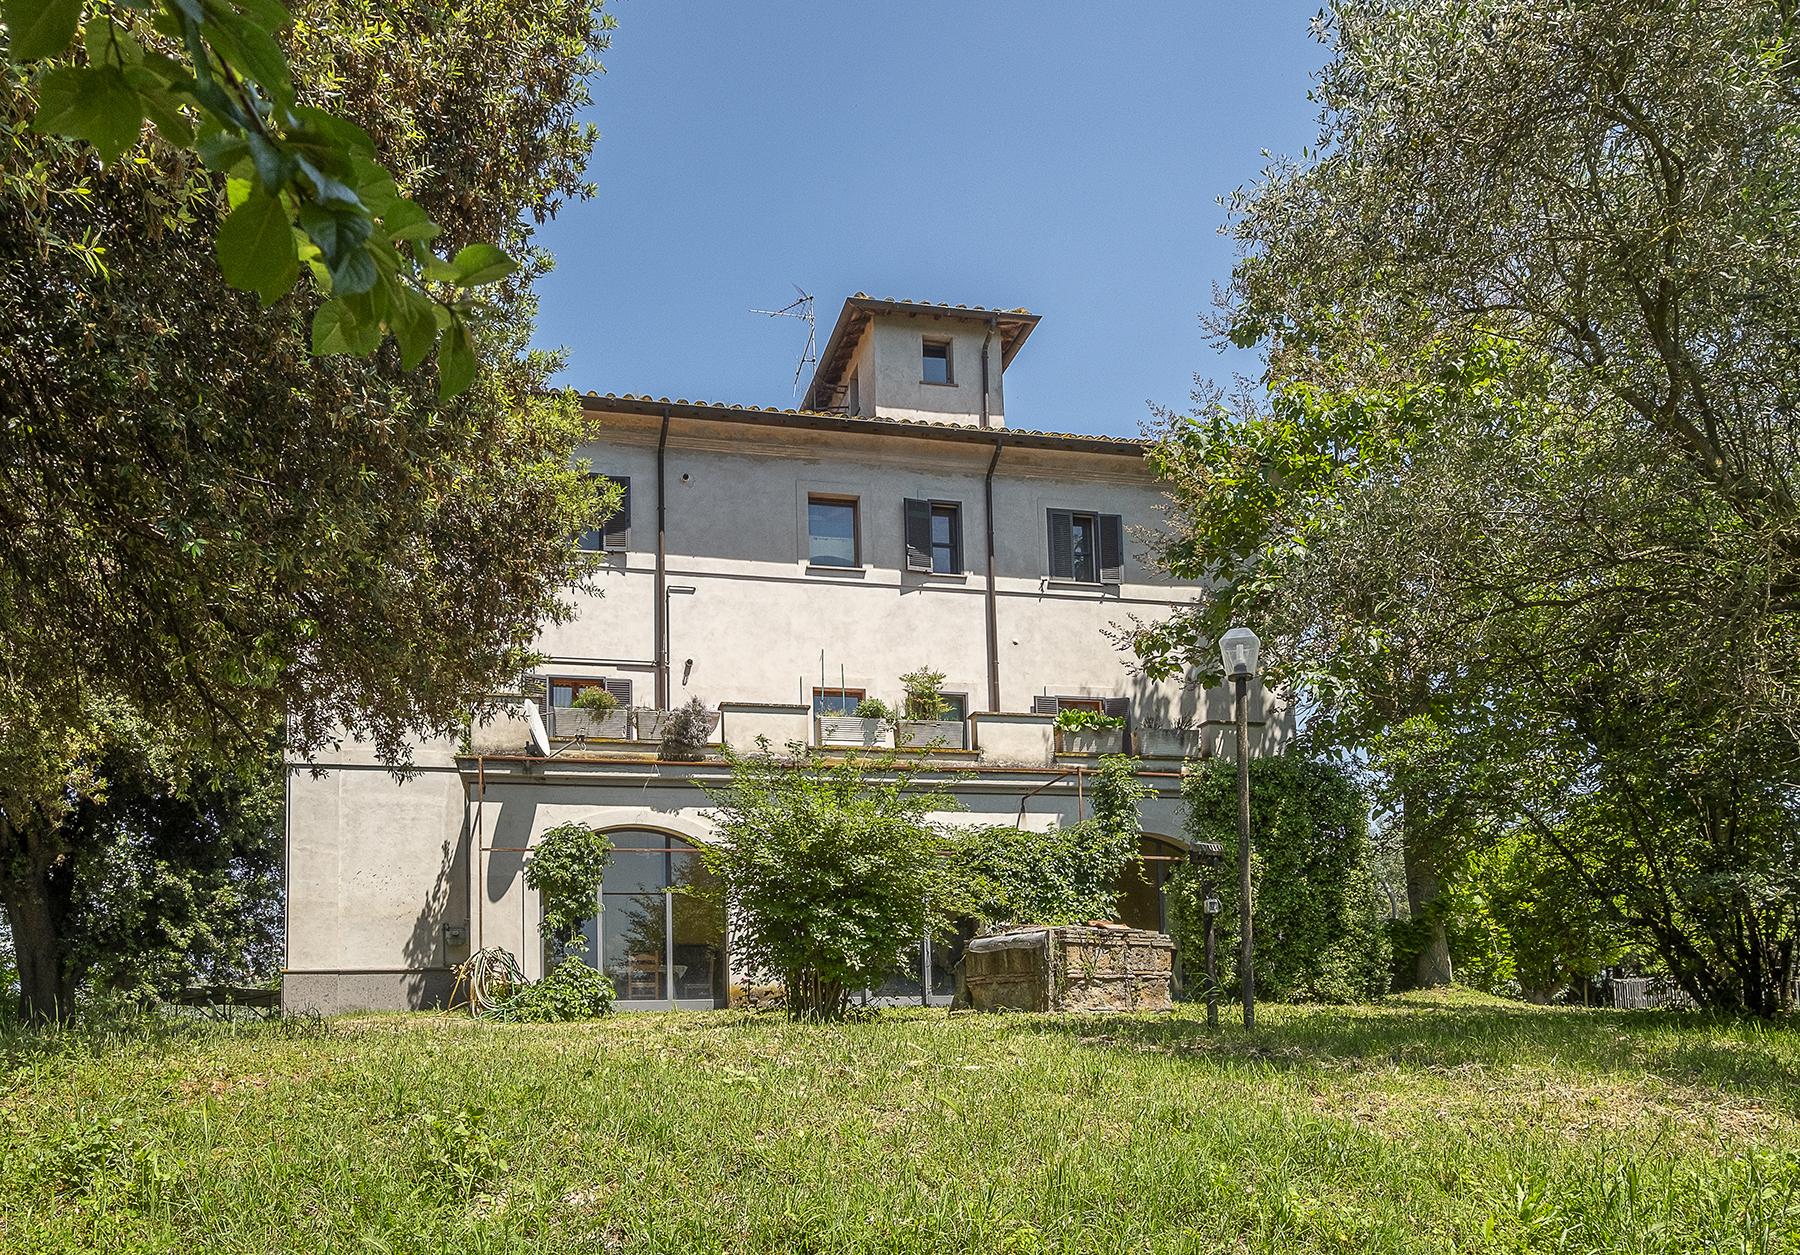 Rustico in Vendita a Magliano Sabina: 5 locali, 490 mq - Foto 20